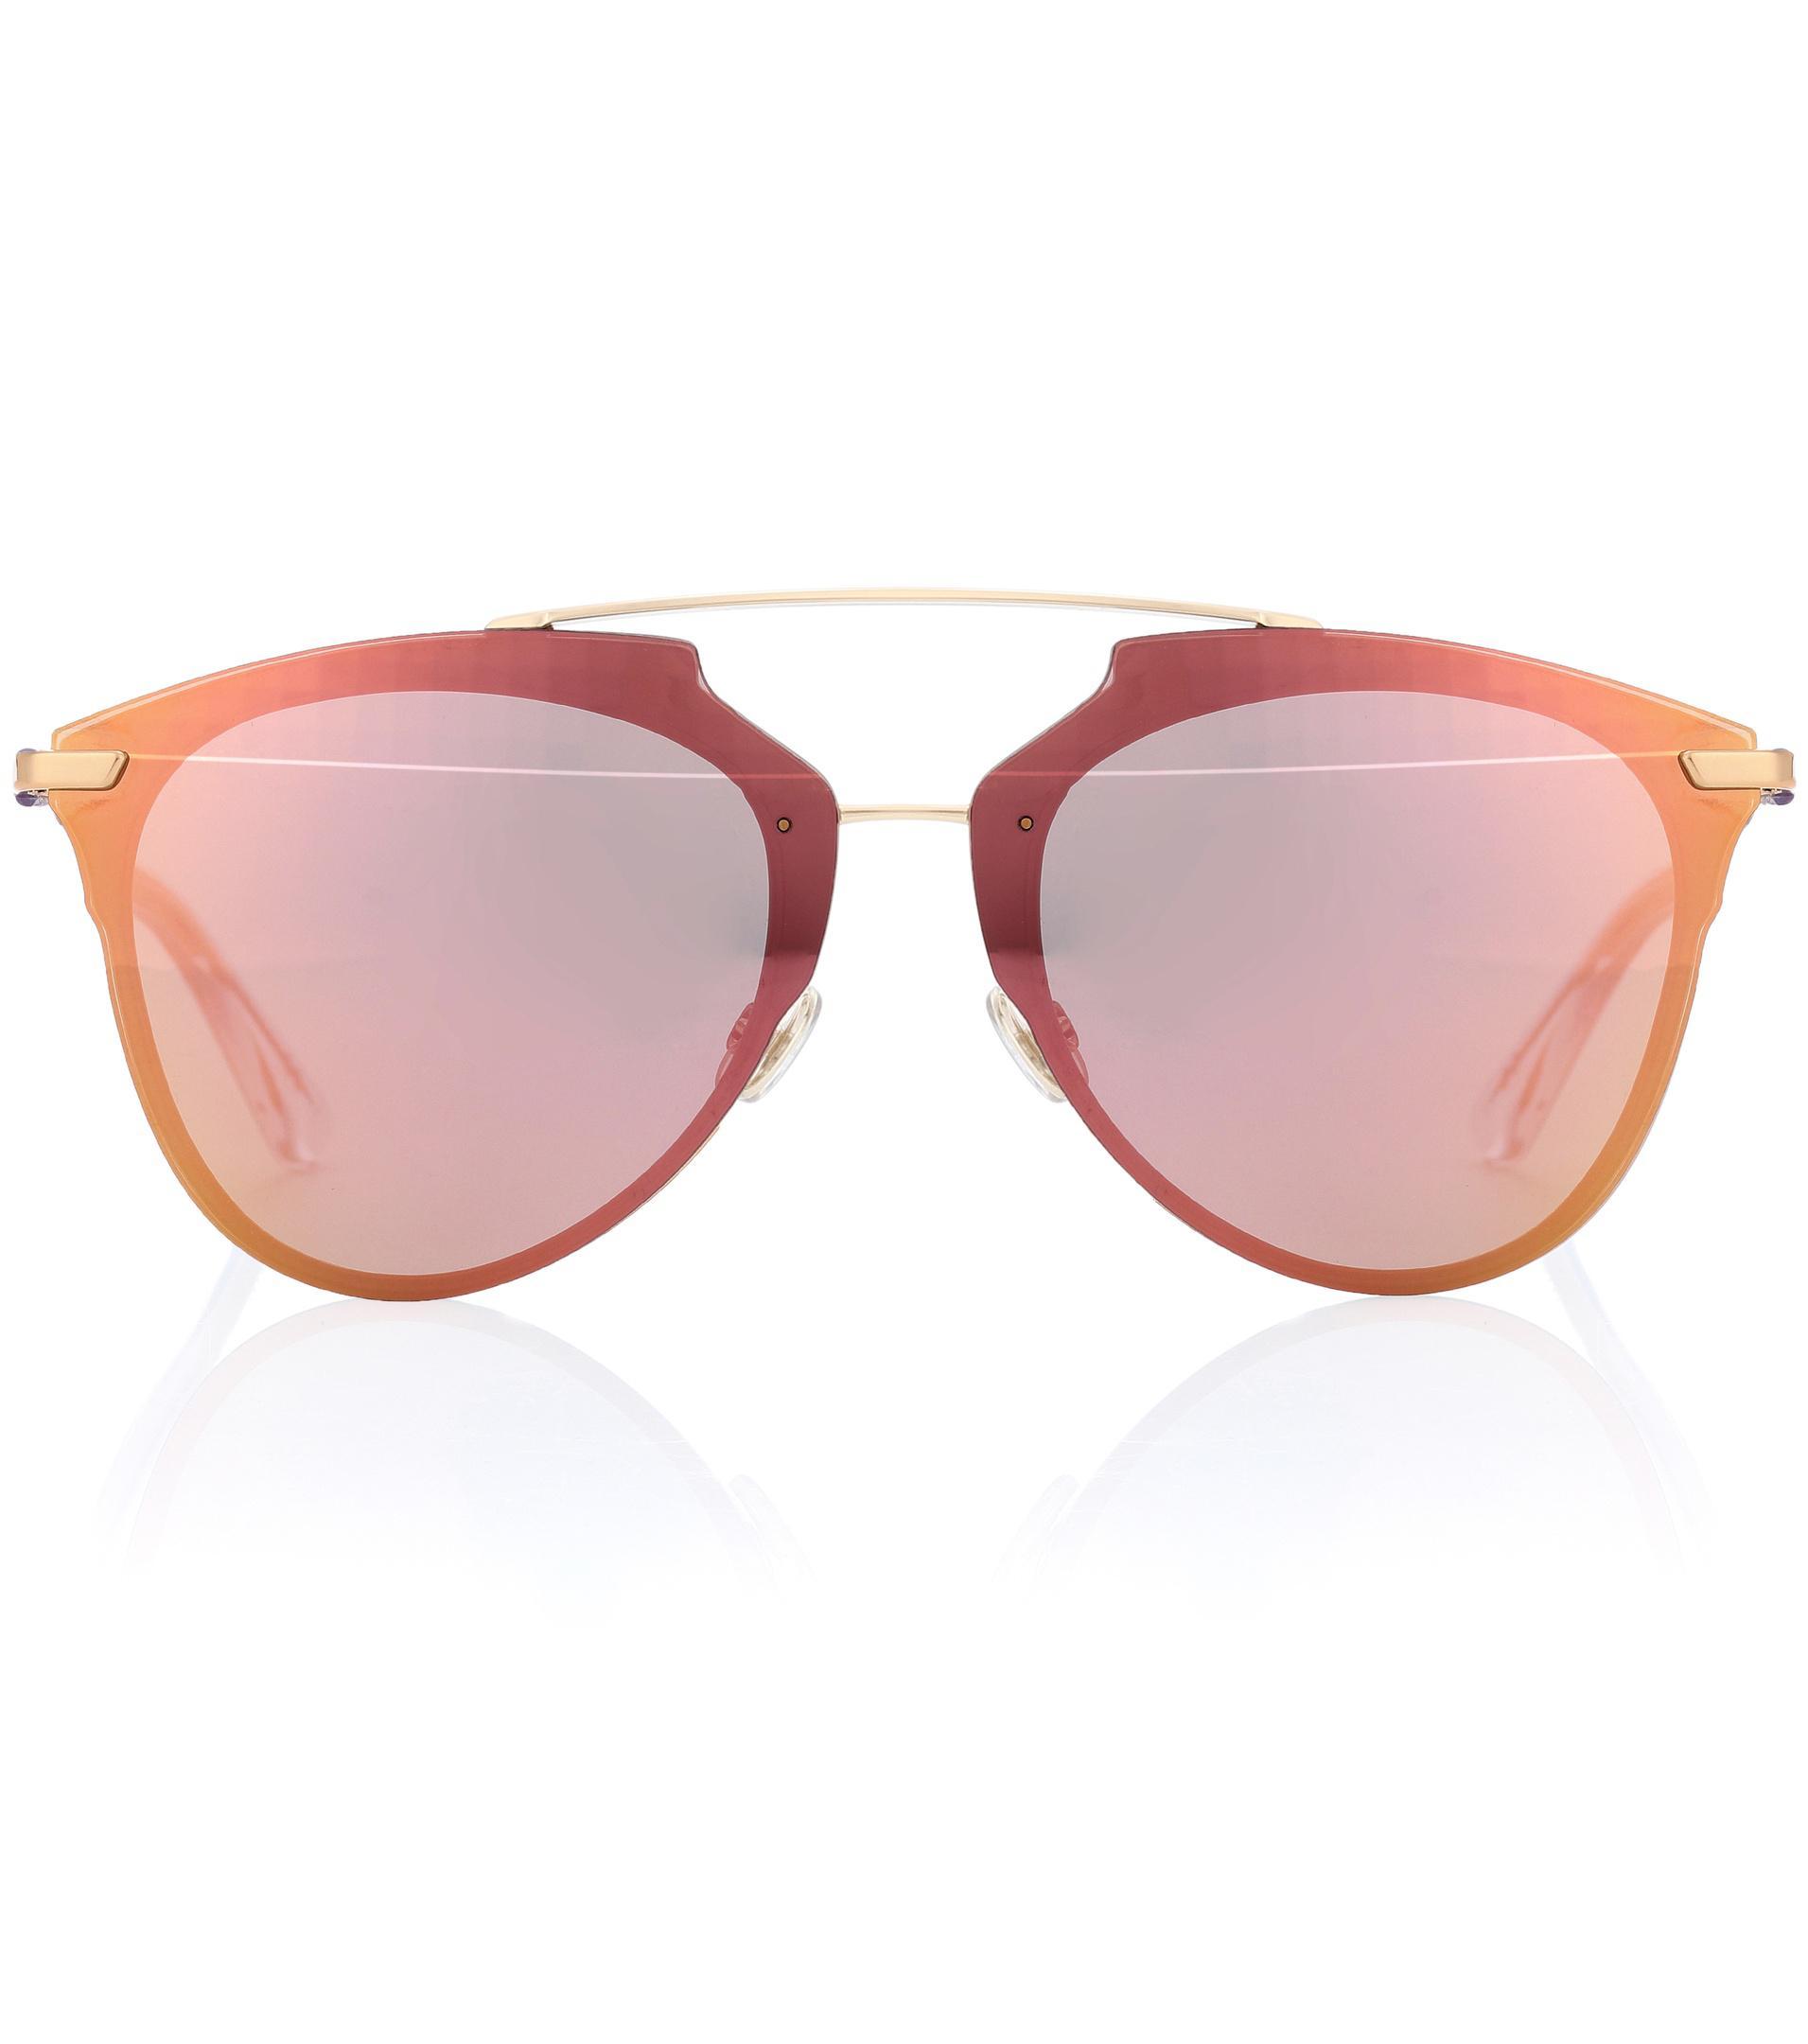 Lyst - Lunettes de soleil aviateur Dior Reflected Dior en coloris Rose 278b375d28b7